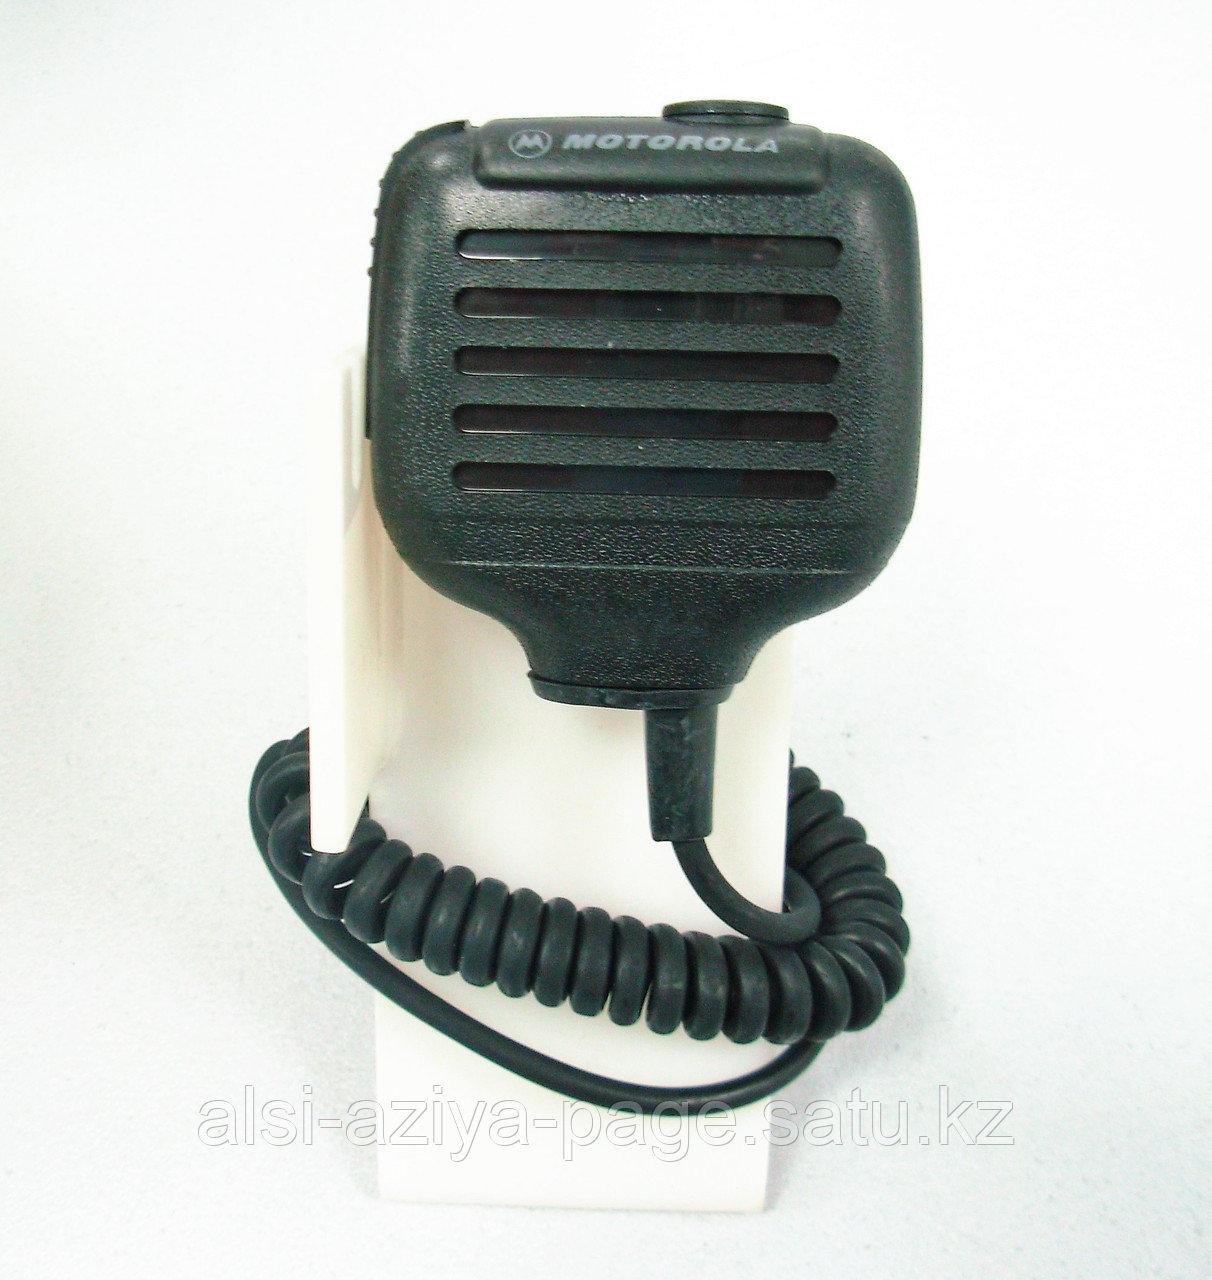 Микрофон для радиостанции Motorola GP300, P040/080, CP140/160/180, HYT TC-500/600/700